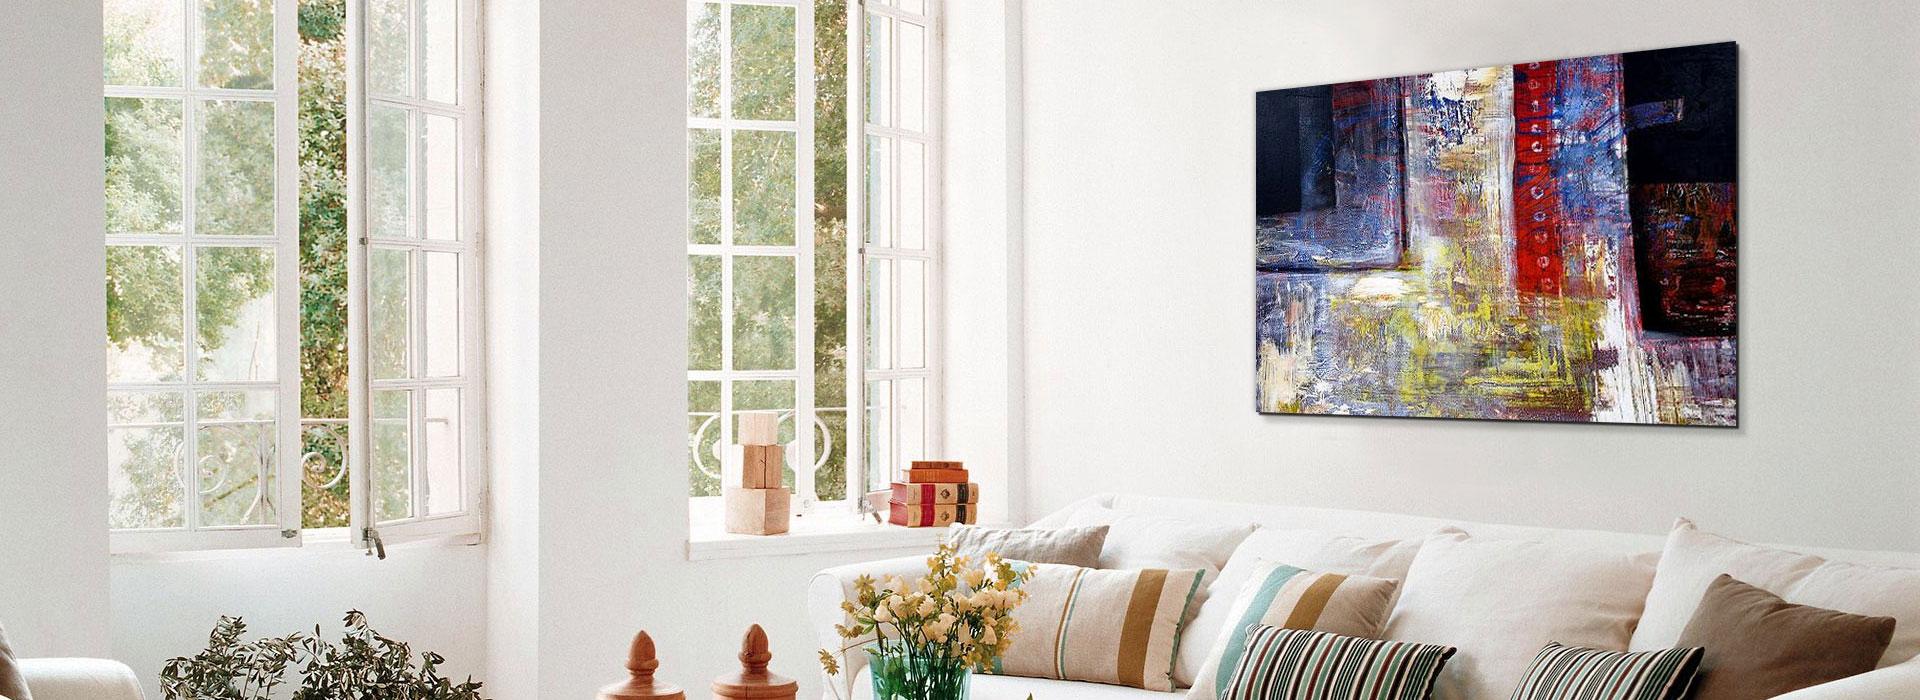 Tienda de cuadros lienzos laminas y cuadros impresos - Cuadros originales para salon ...